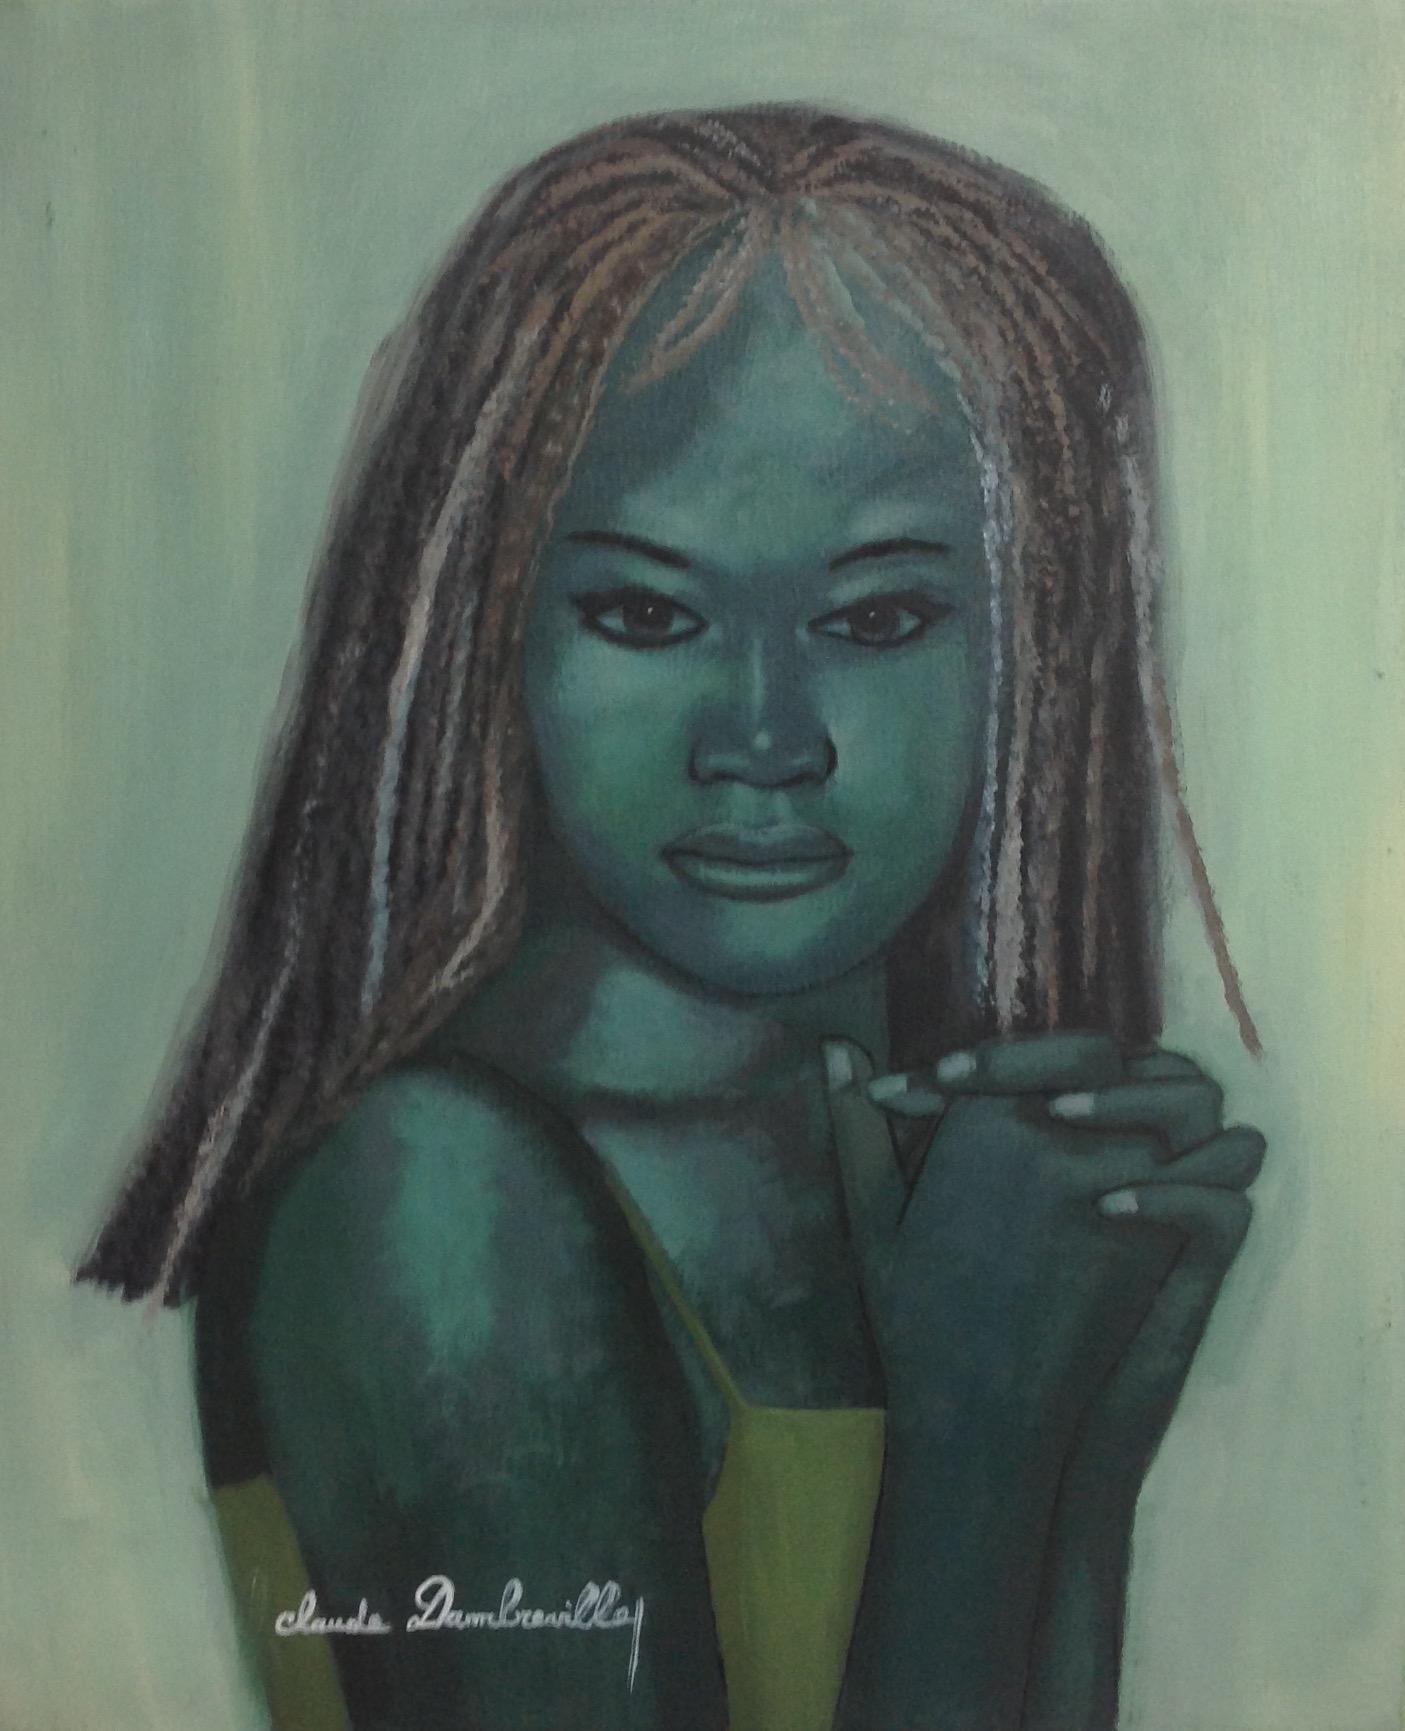 Dambreville Claude 20X24 #160-3-96 canvas 1997